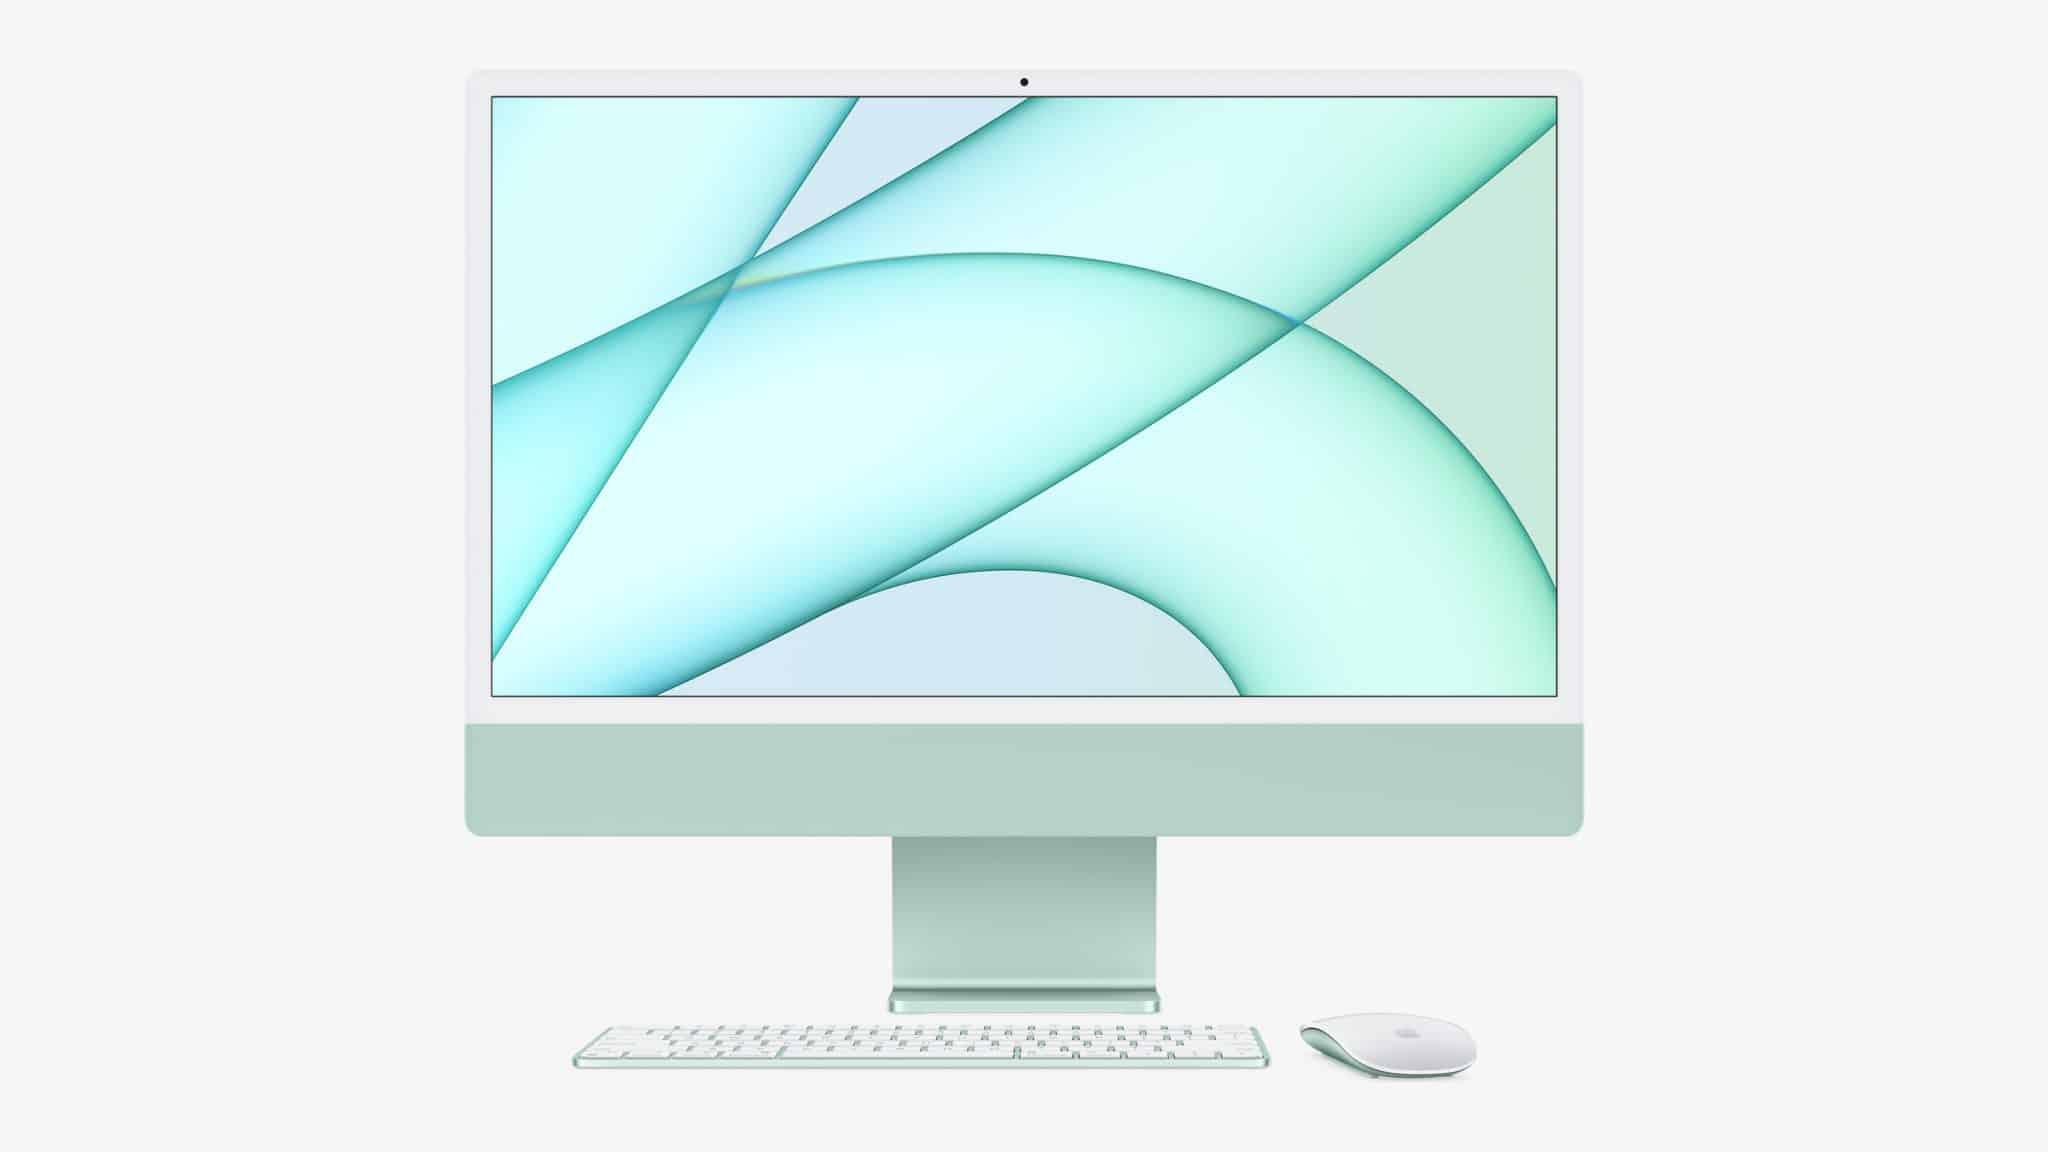 iMac 24 inch được thiết kế lại với màu sắc mới tươi sáng